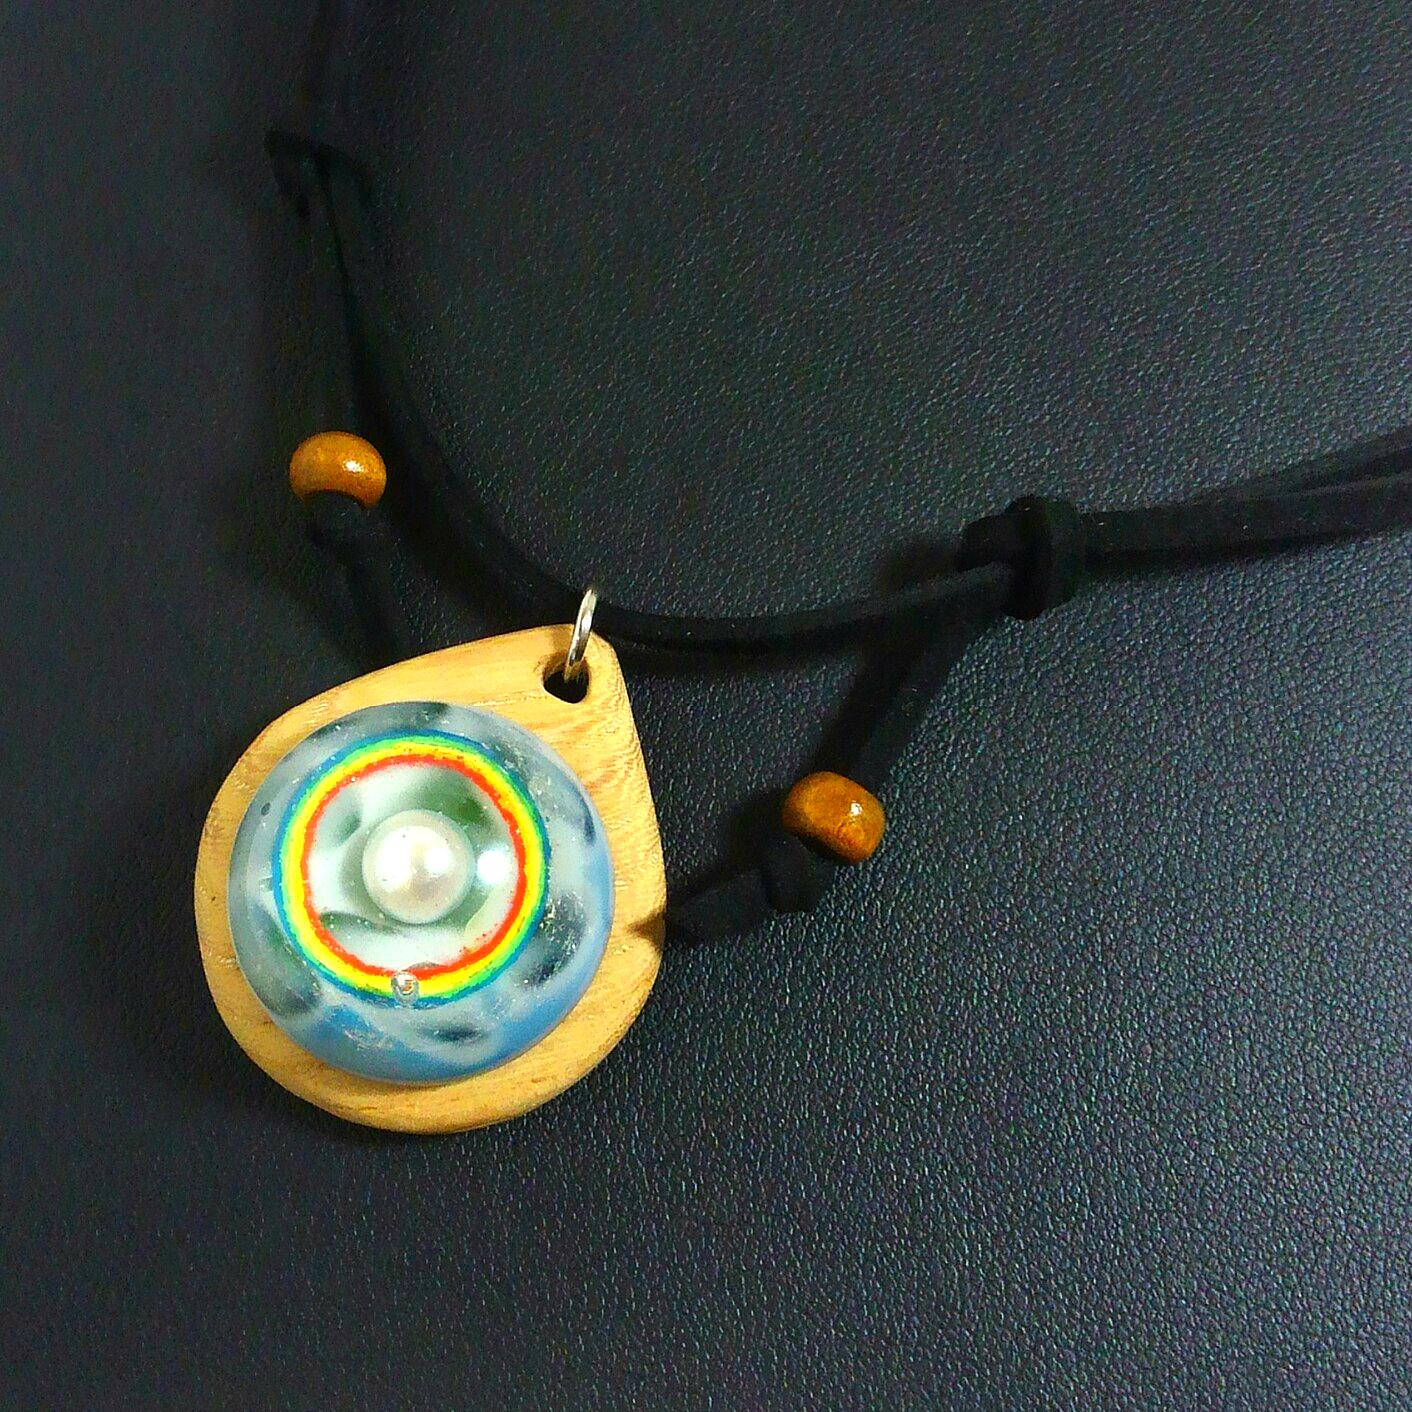 ハロ(虹の輪) オルゴナイトウッドペンダント